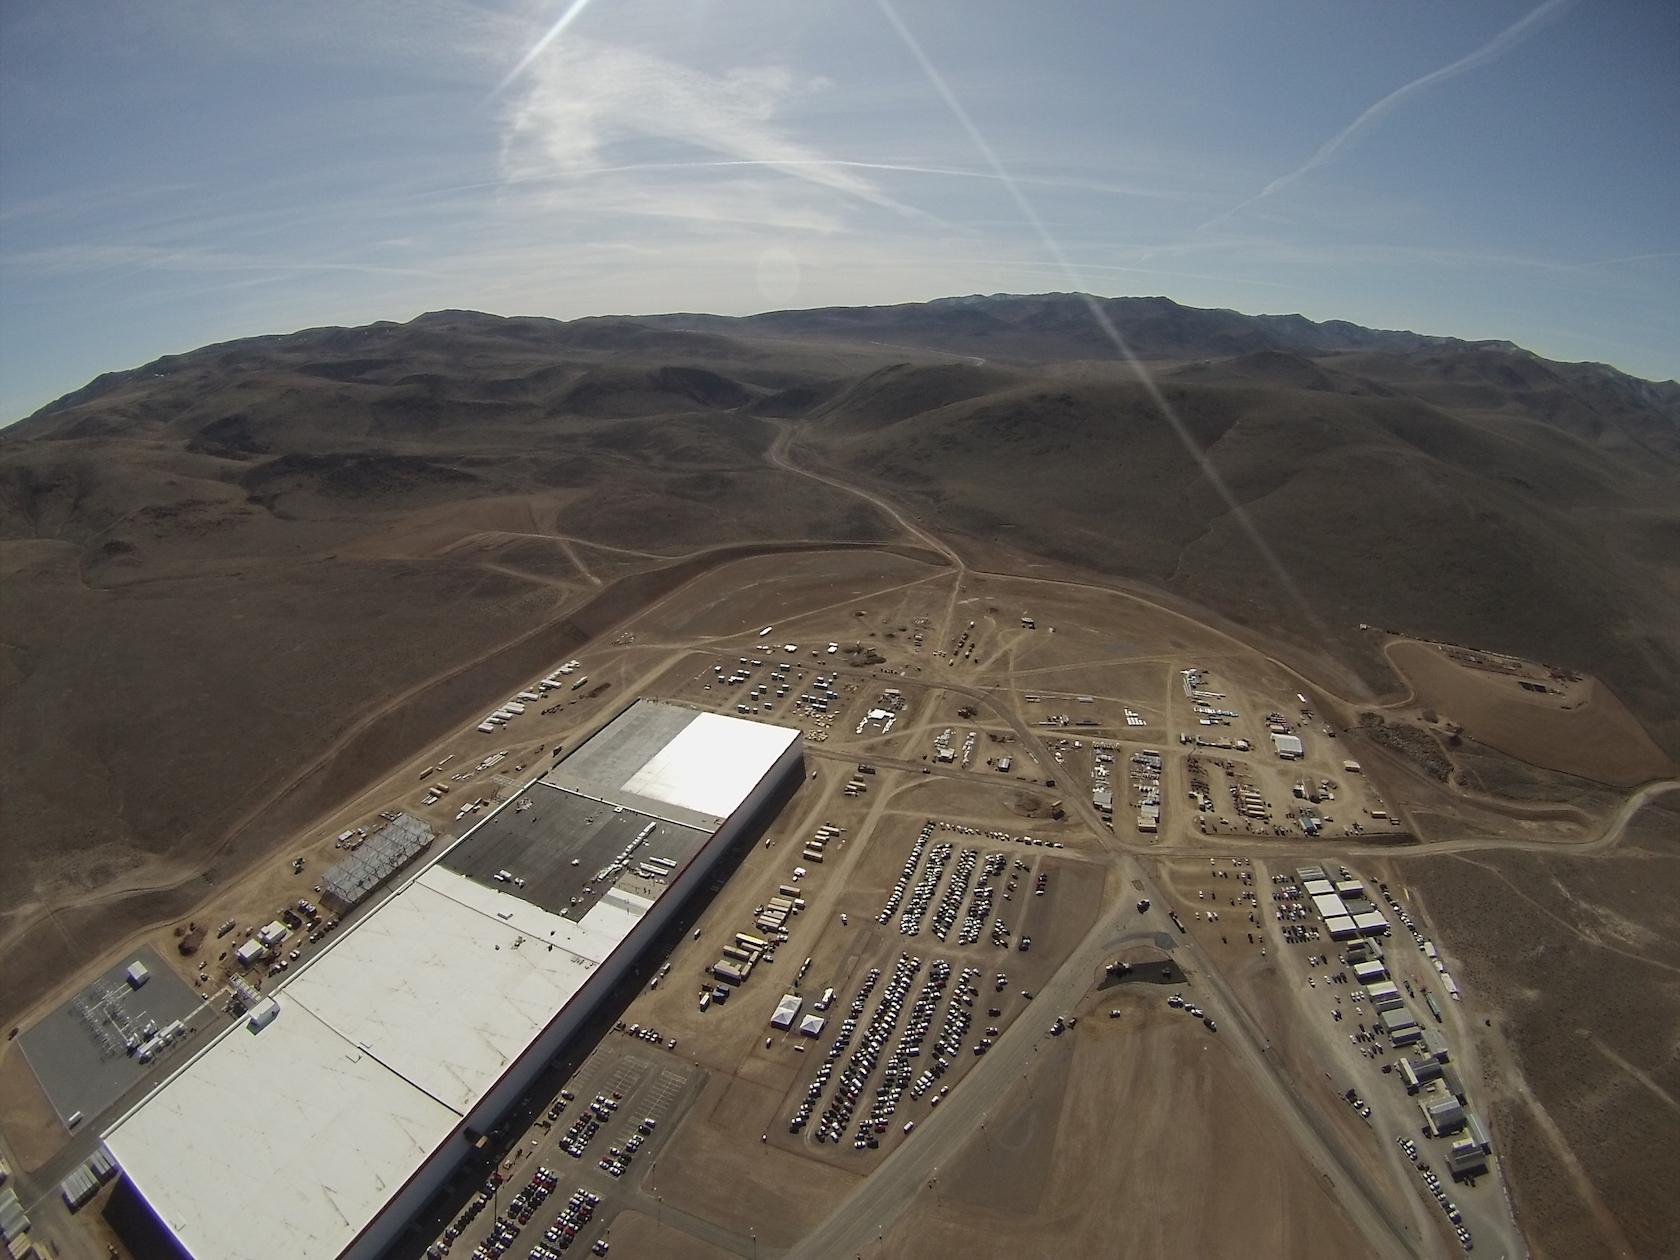 Tesla Gigafactory Feb 2016 [Source: Josh McDonald]